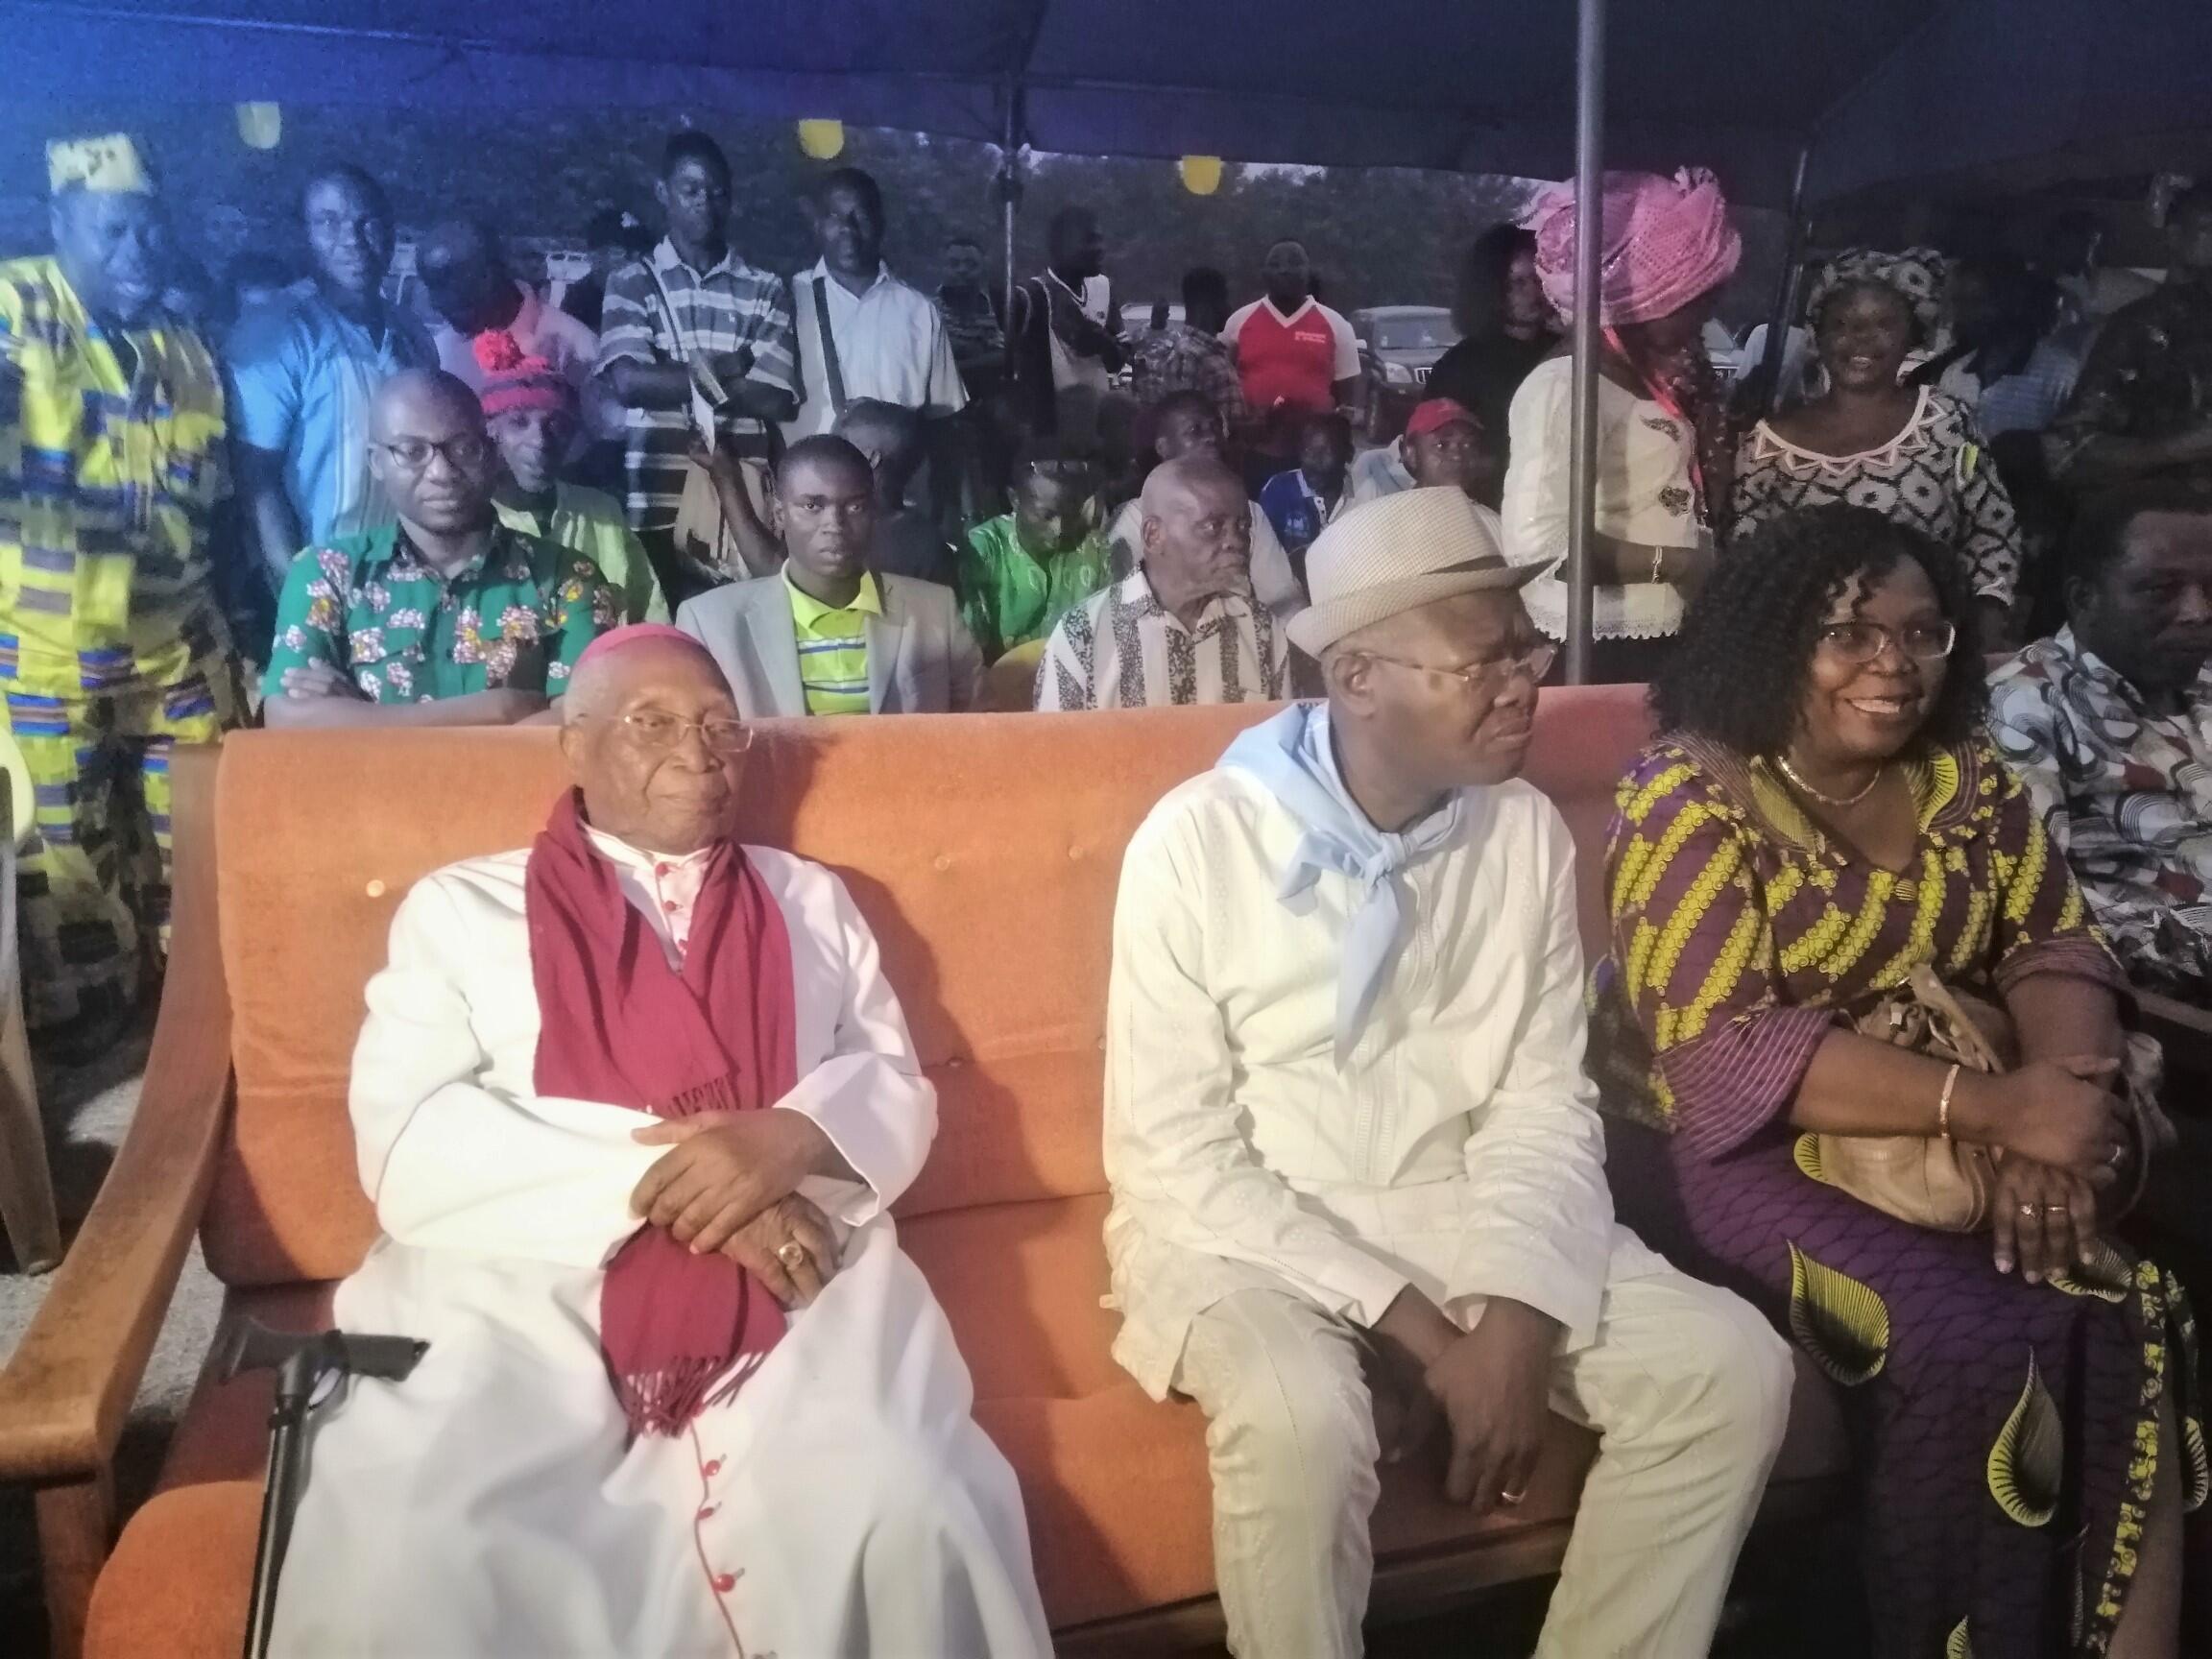 Mgr Philippe Kpodzro en campagne, assis aux côtés du candidat Agbéyomé Kodjo, le 14 février 2020.